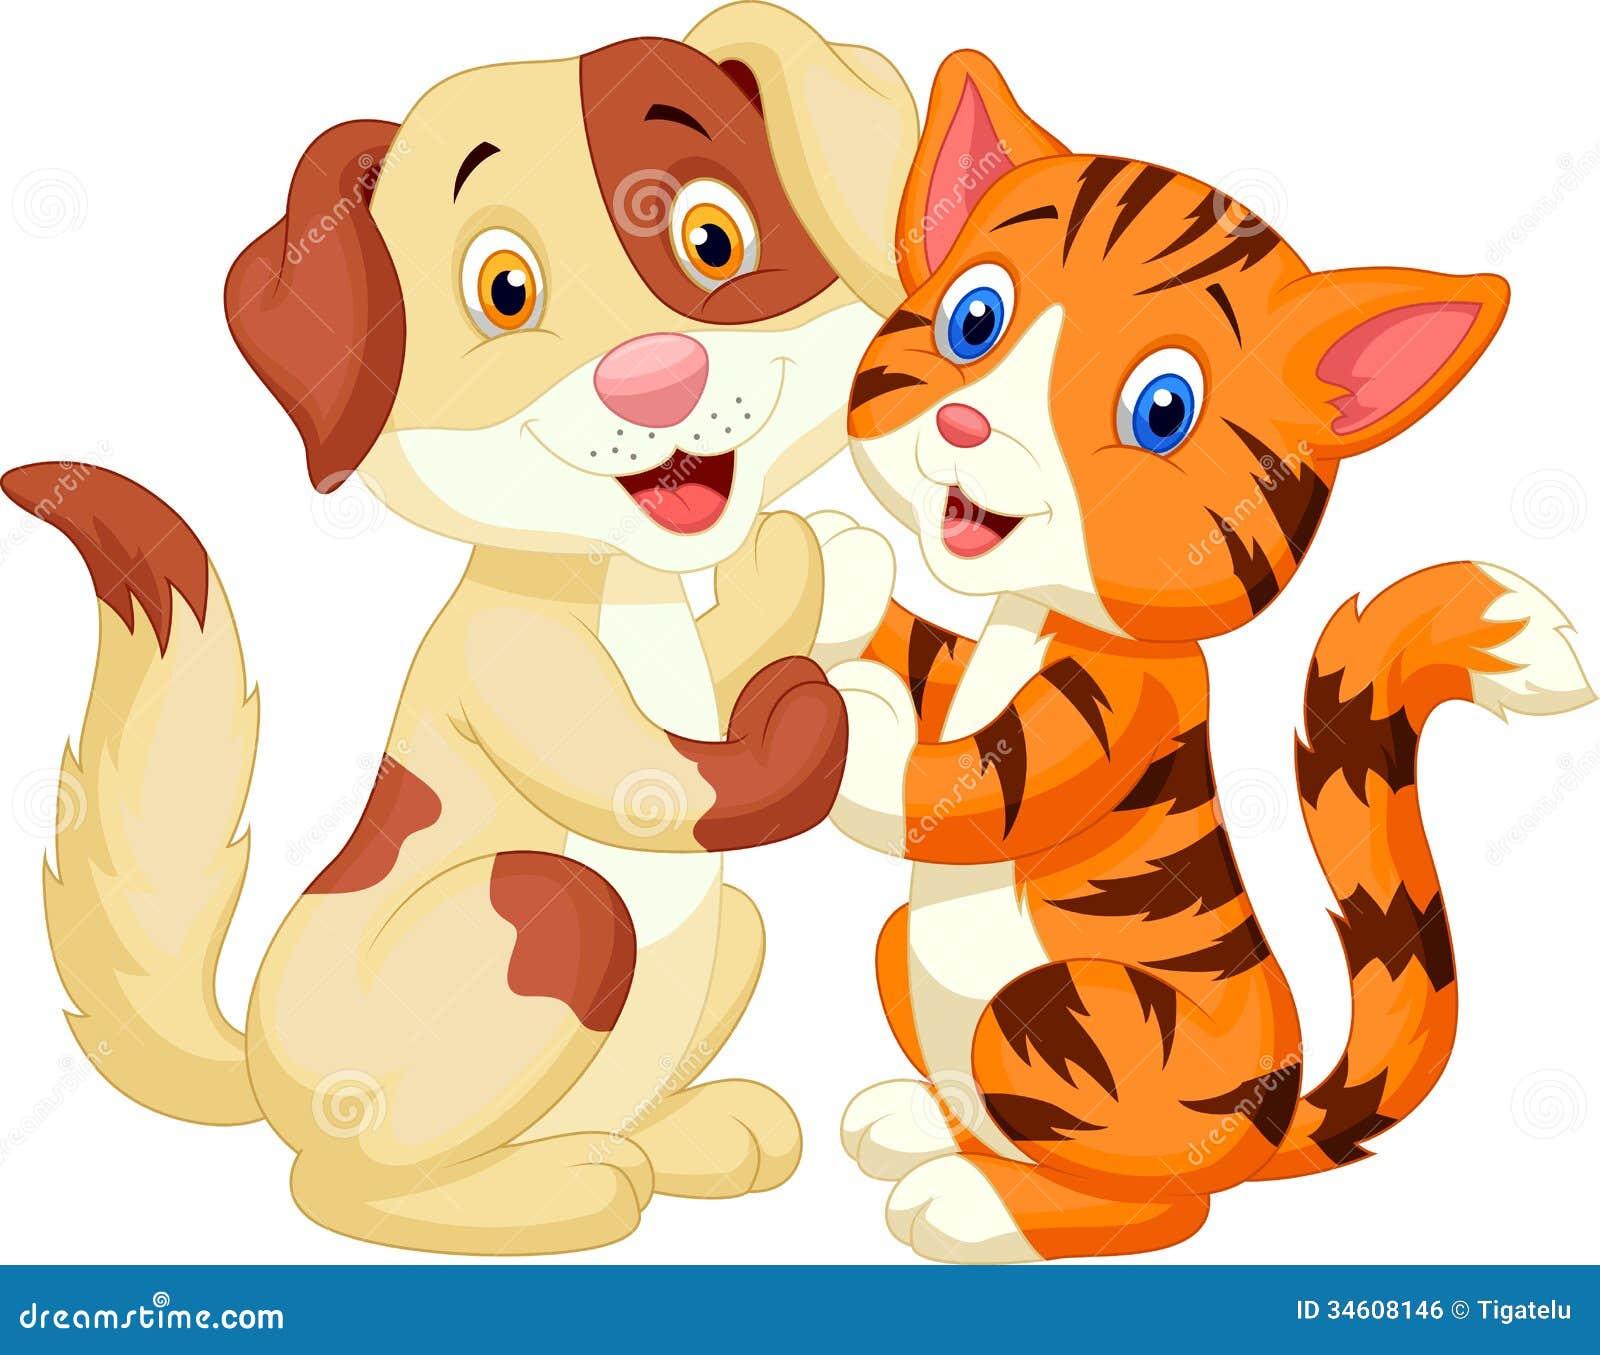 逗人喜爱的猫和狗动画片图片